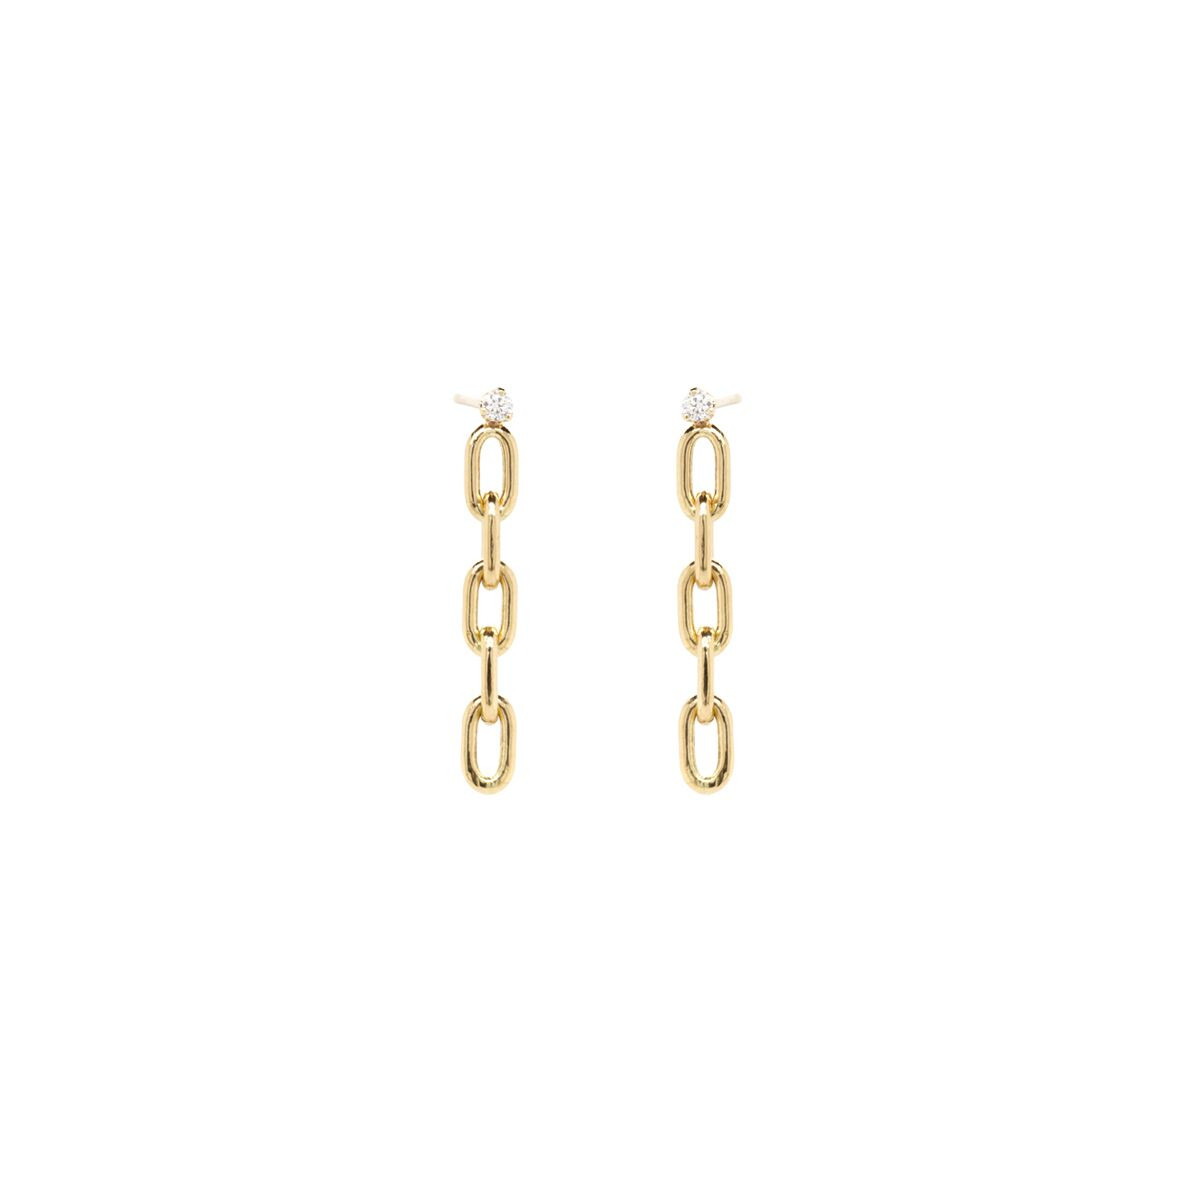 Zoe Chicco Gold Oval Link Diamond Drop Earrings